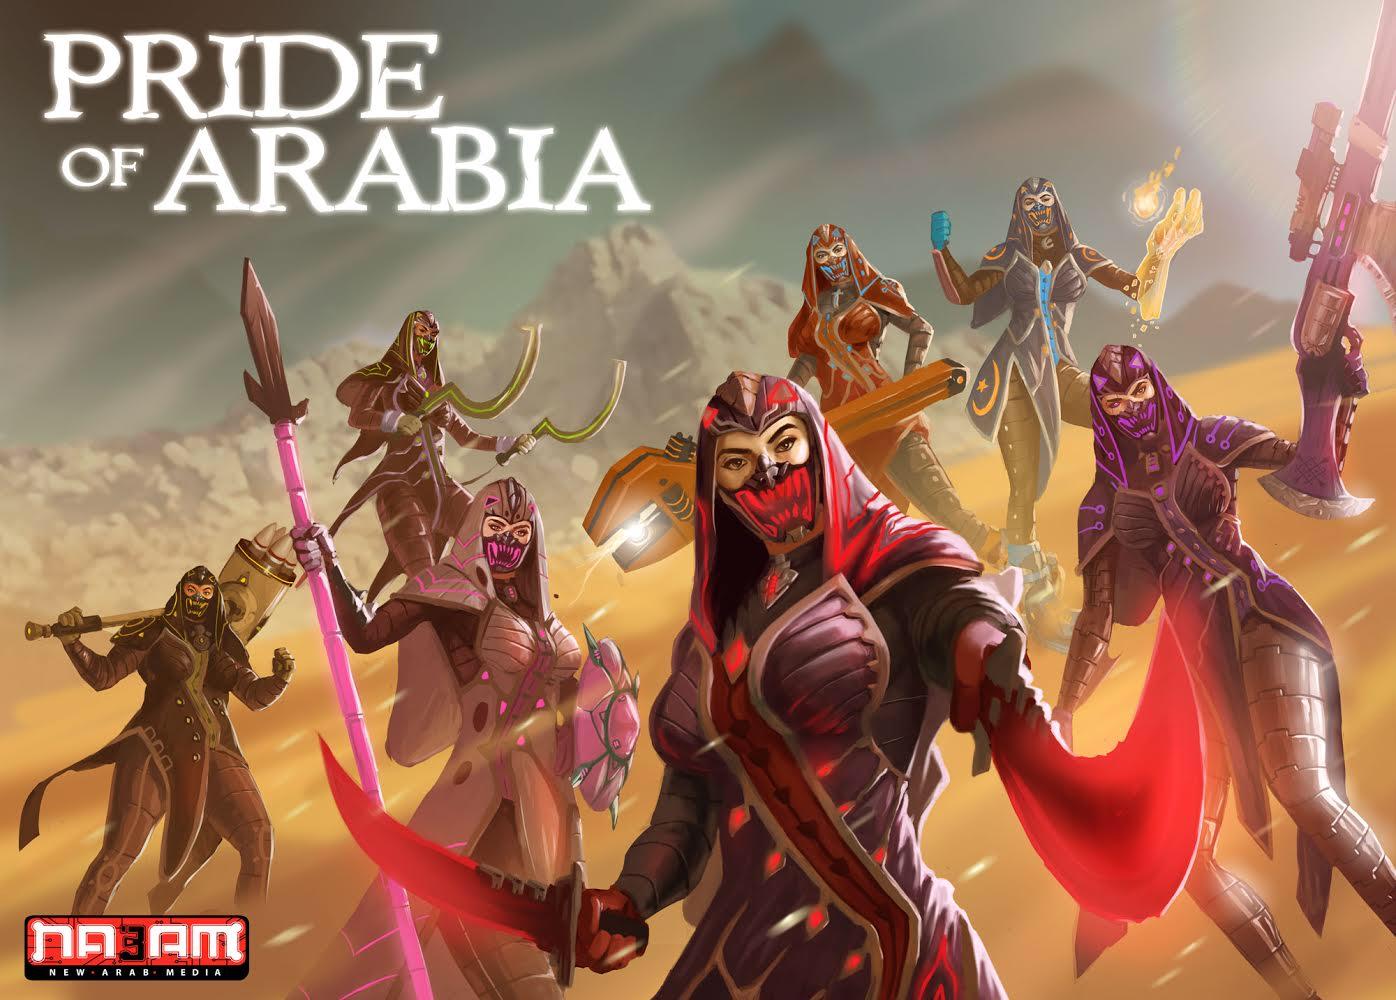 PRIDE OF ARABIA